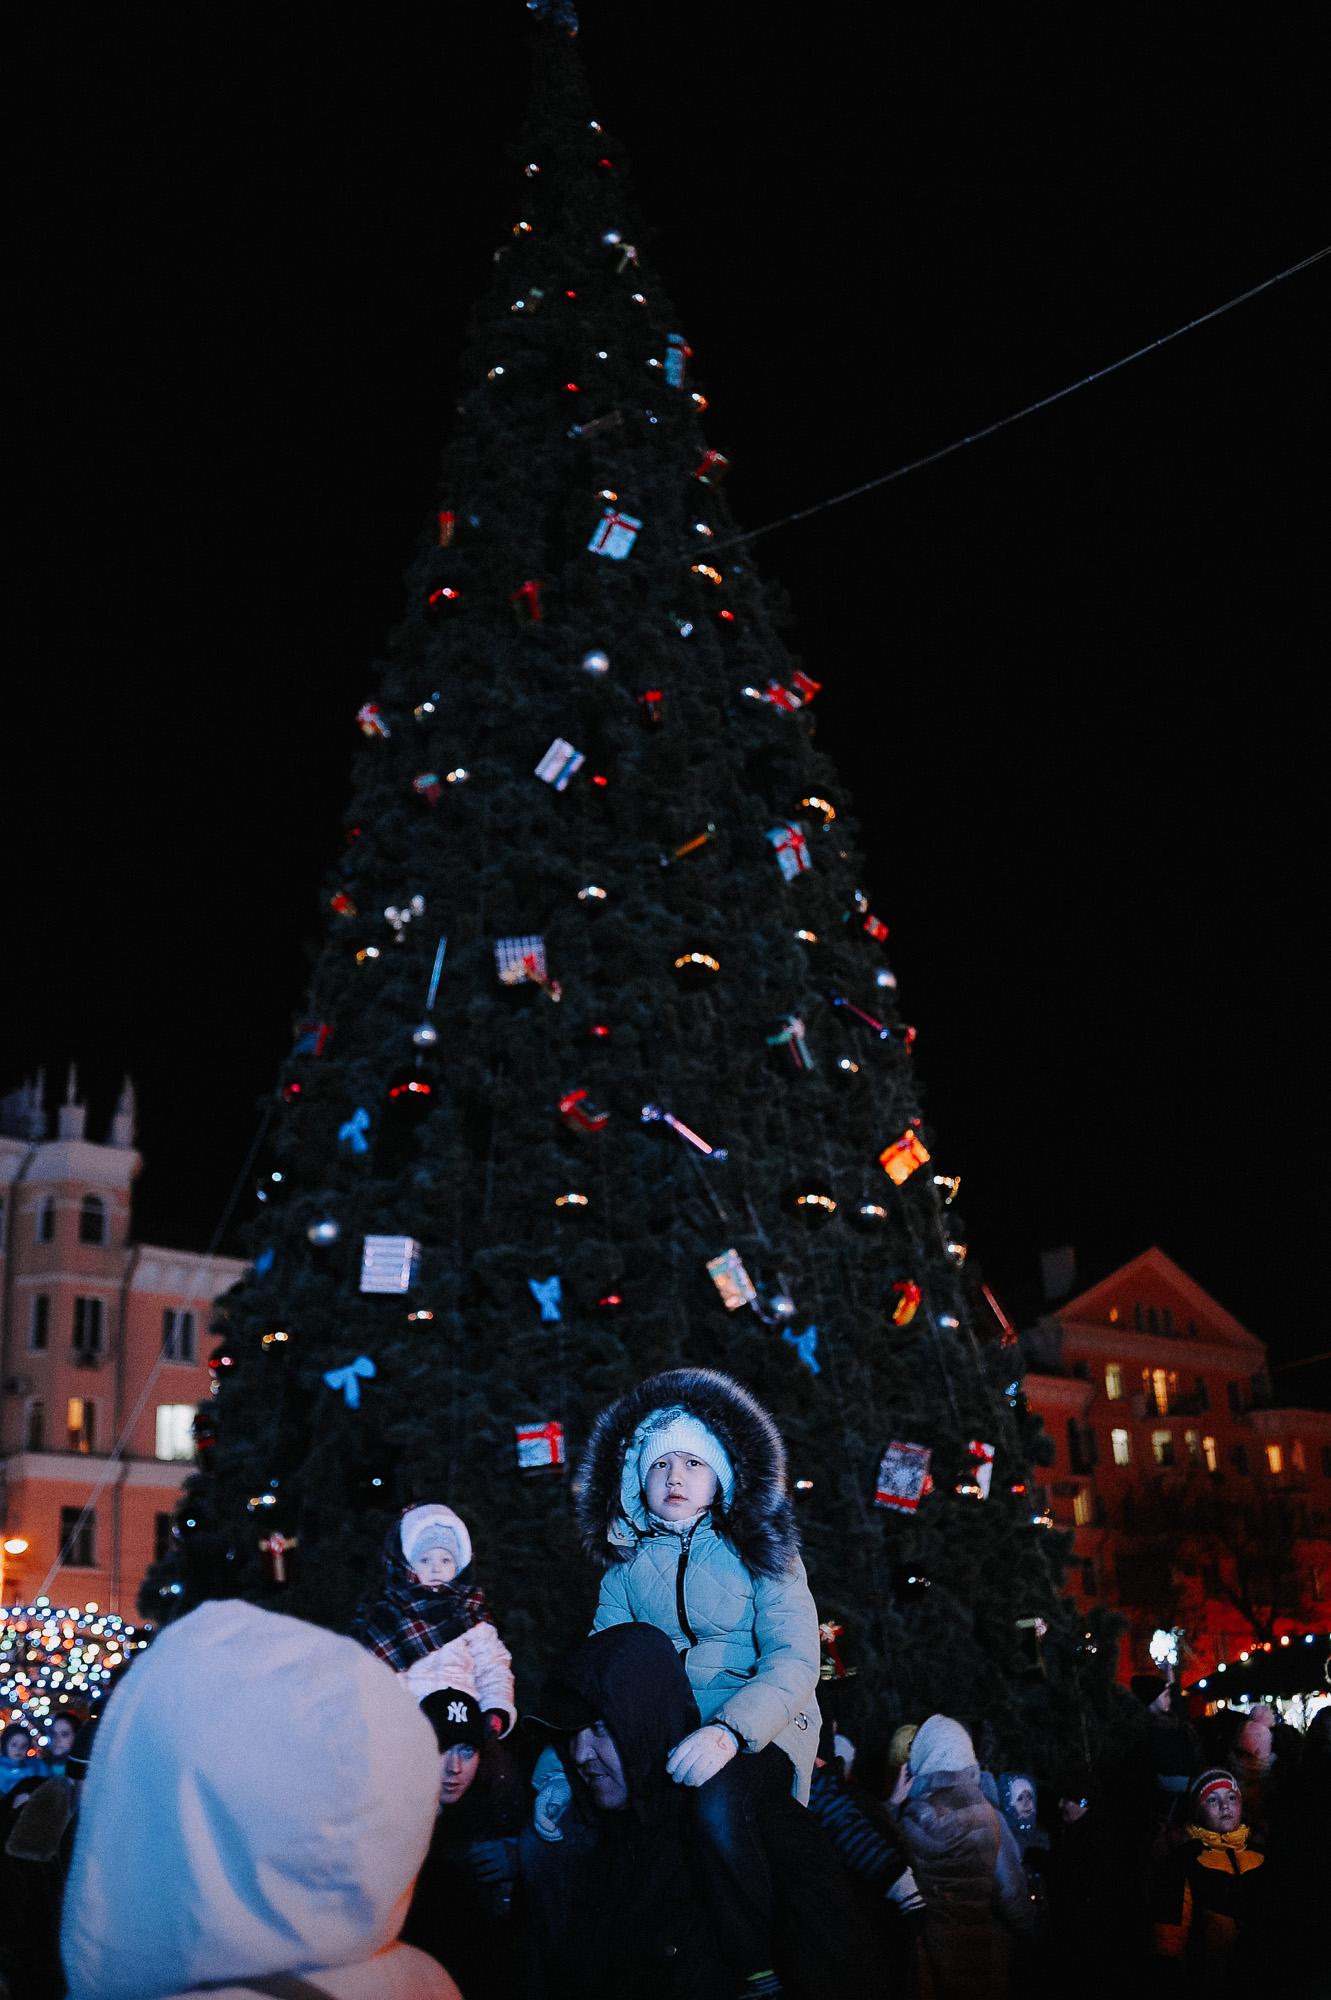 ZZZ 6847 В Астрахани на площади Ленина зажгли новогоднюю елку: кадры торжества